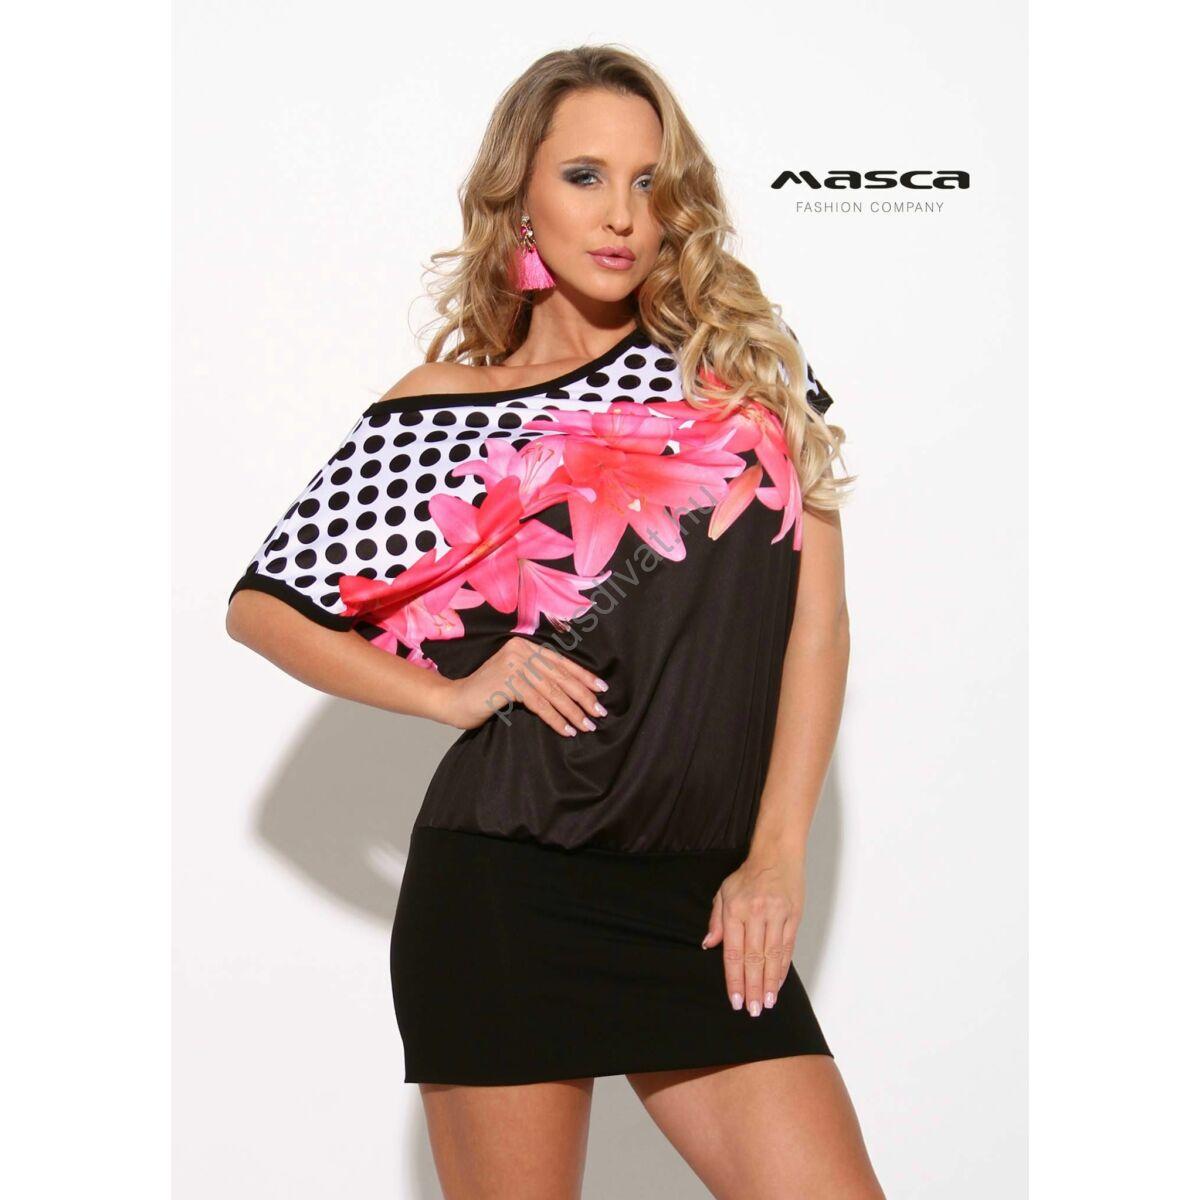 c2020a69fd Kép 1/1 - Masca Fashion csónaknyakú, denevérujjú, virágos-pöttyös lezser  fekete tunika, miniruha